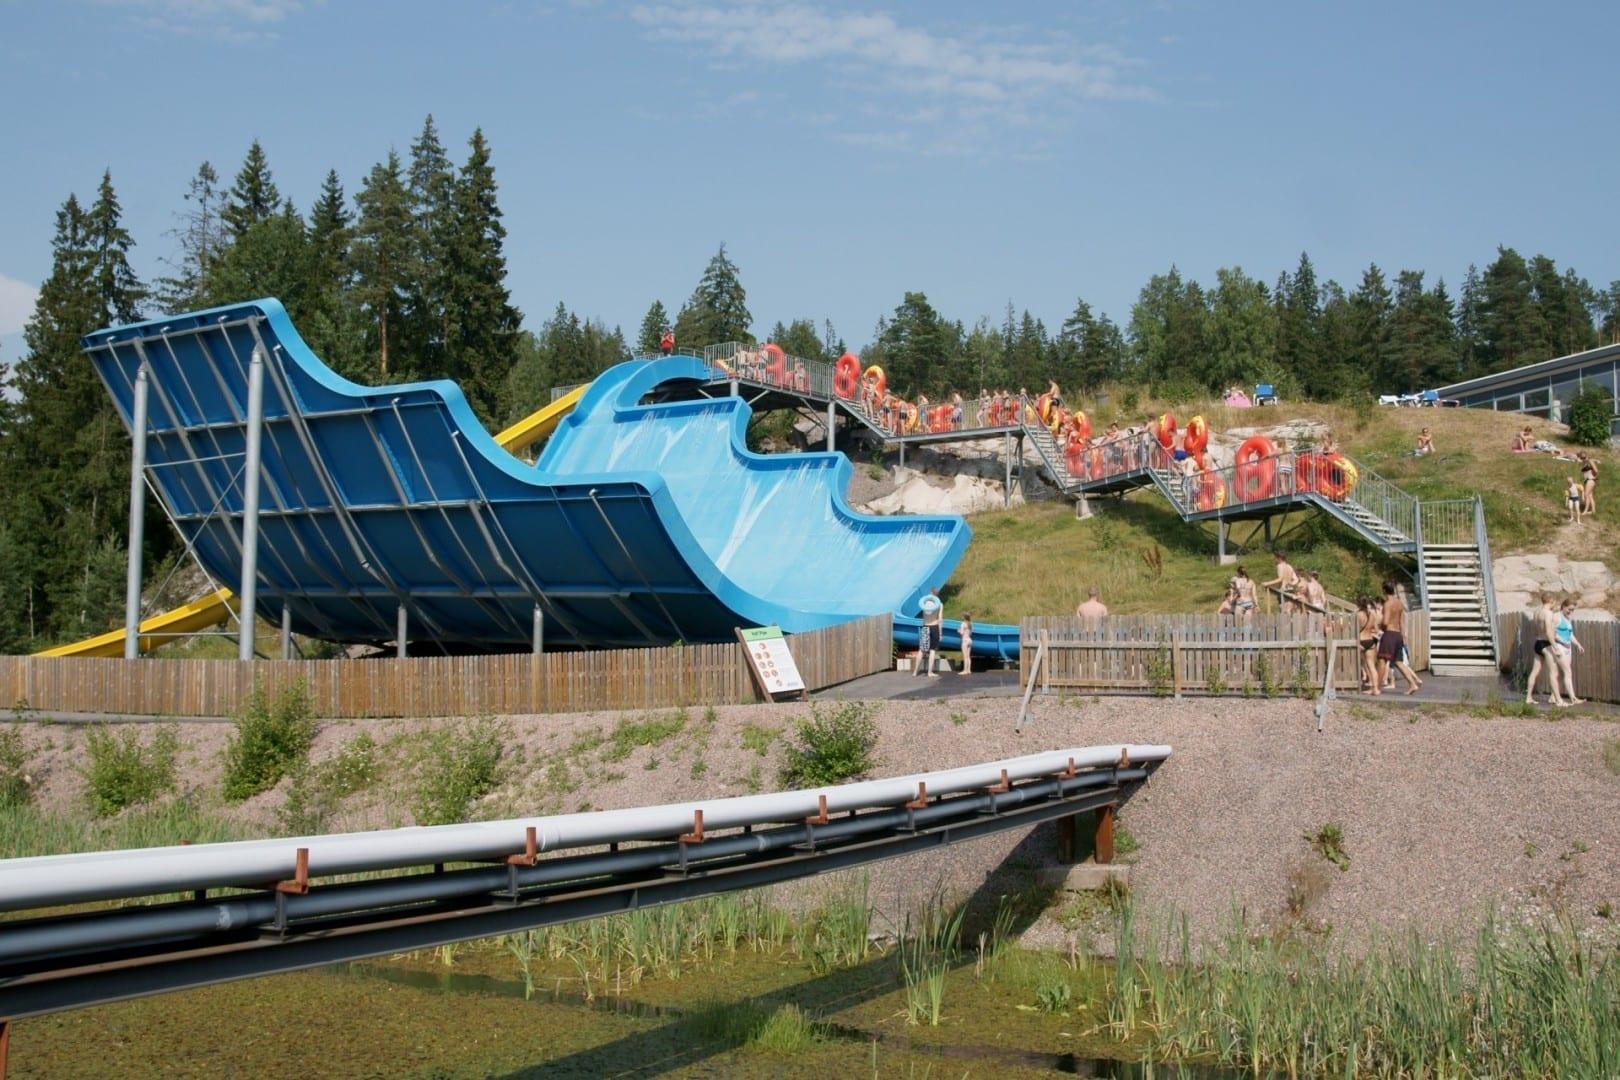 El tobogán acuático de media tubería al aire libre en Serena Espoo Finlandia